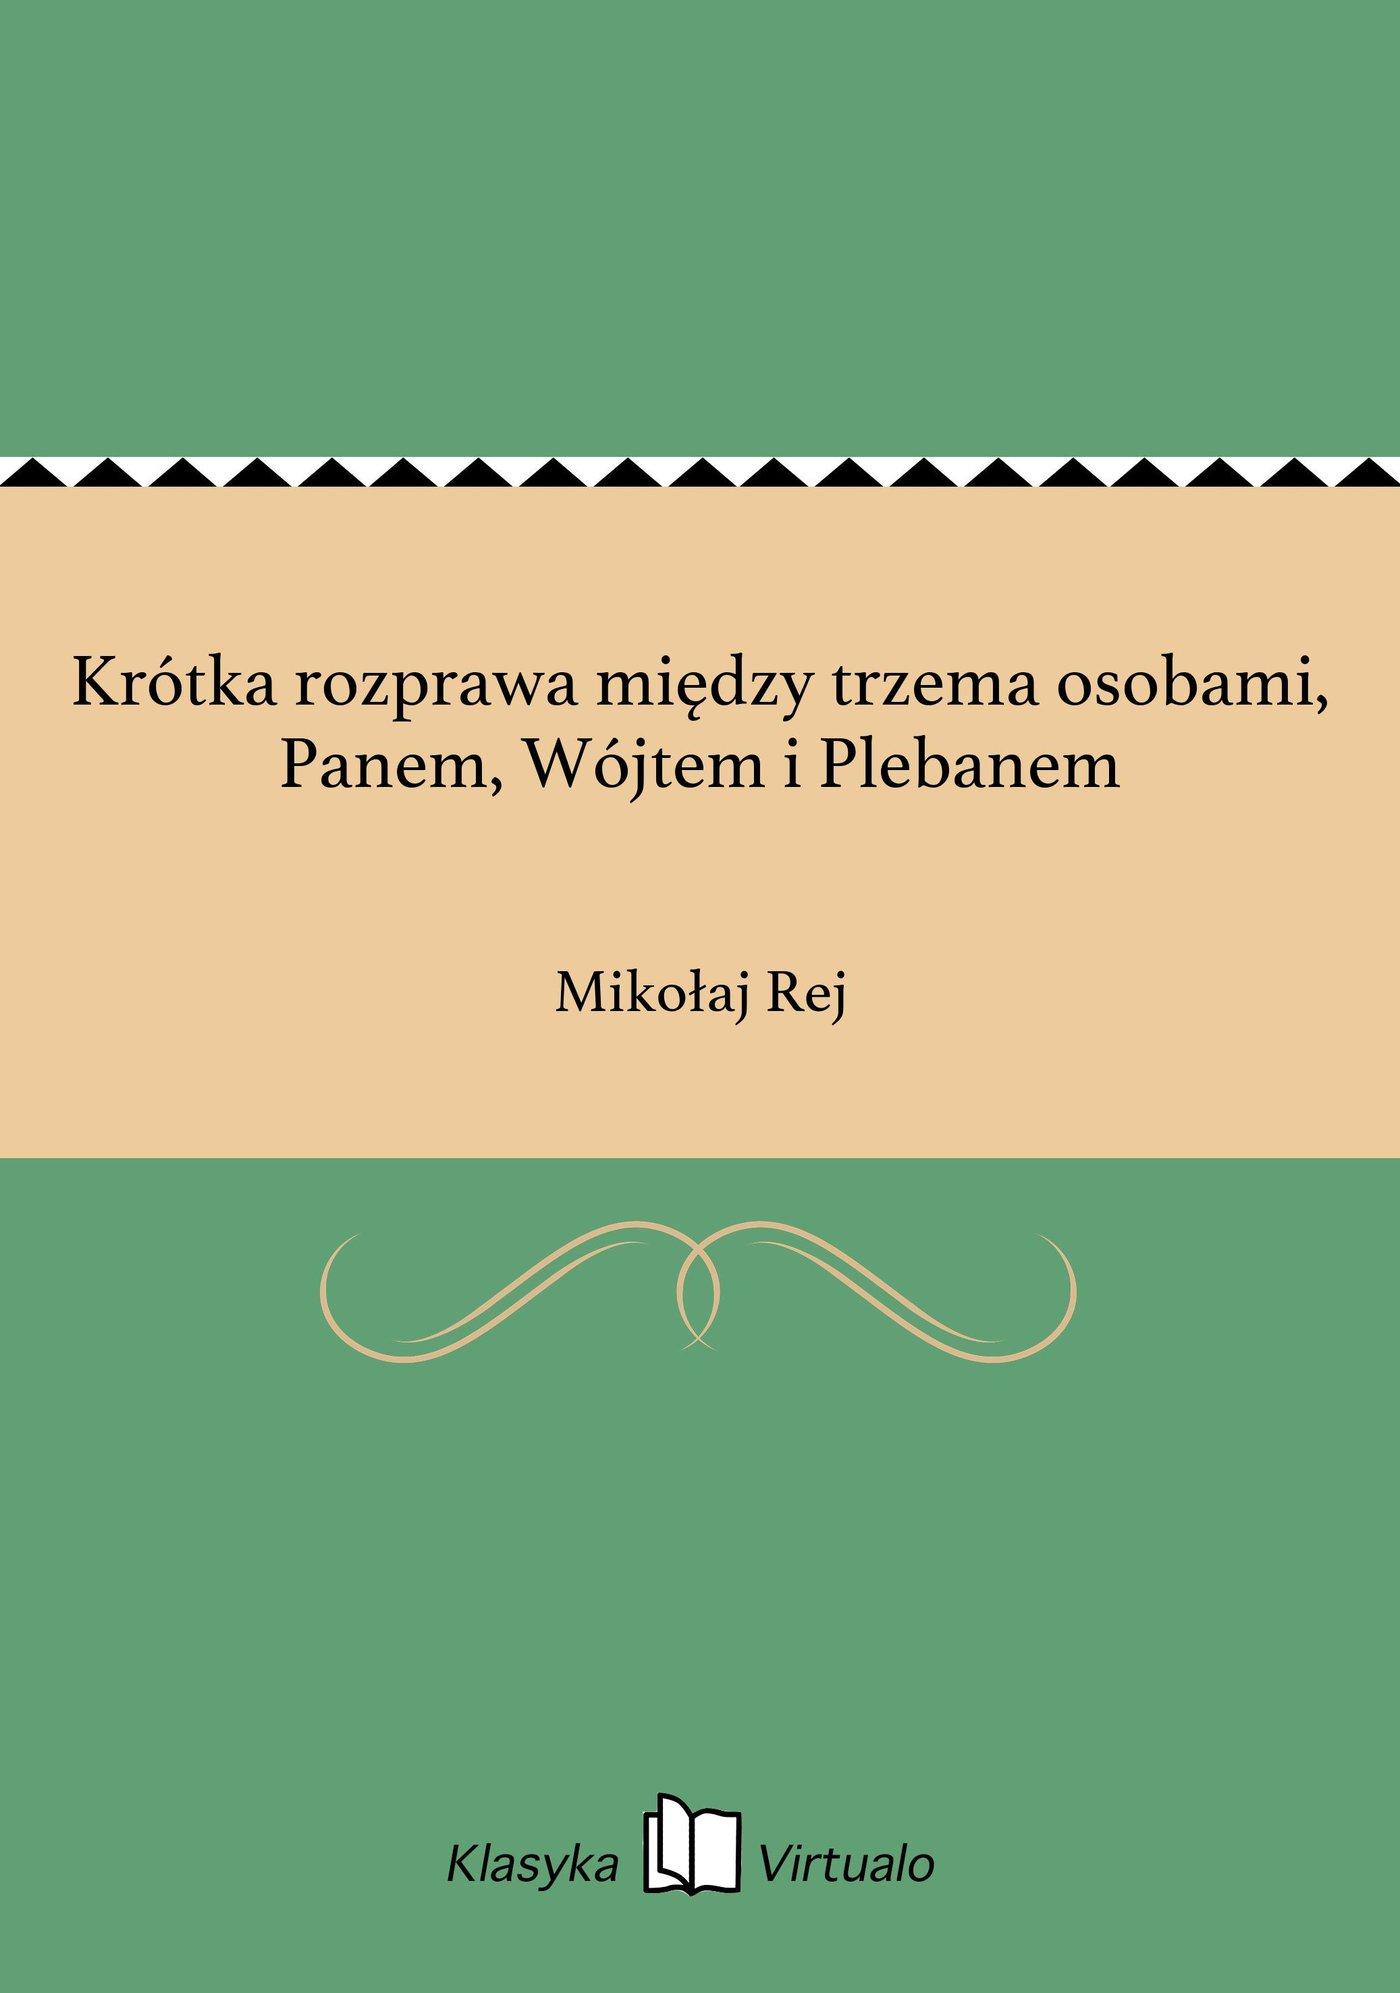 Krótka rozprawa między trzema osobami, Panem, Wójtem i Plebanem - Ebook (Książka na Kindle) do pobrania w formacie MOBI